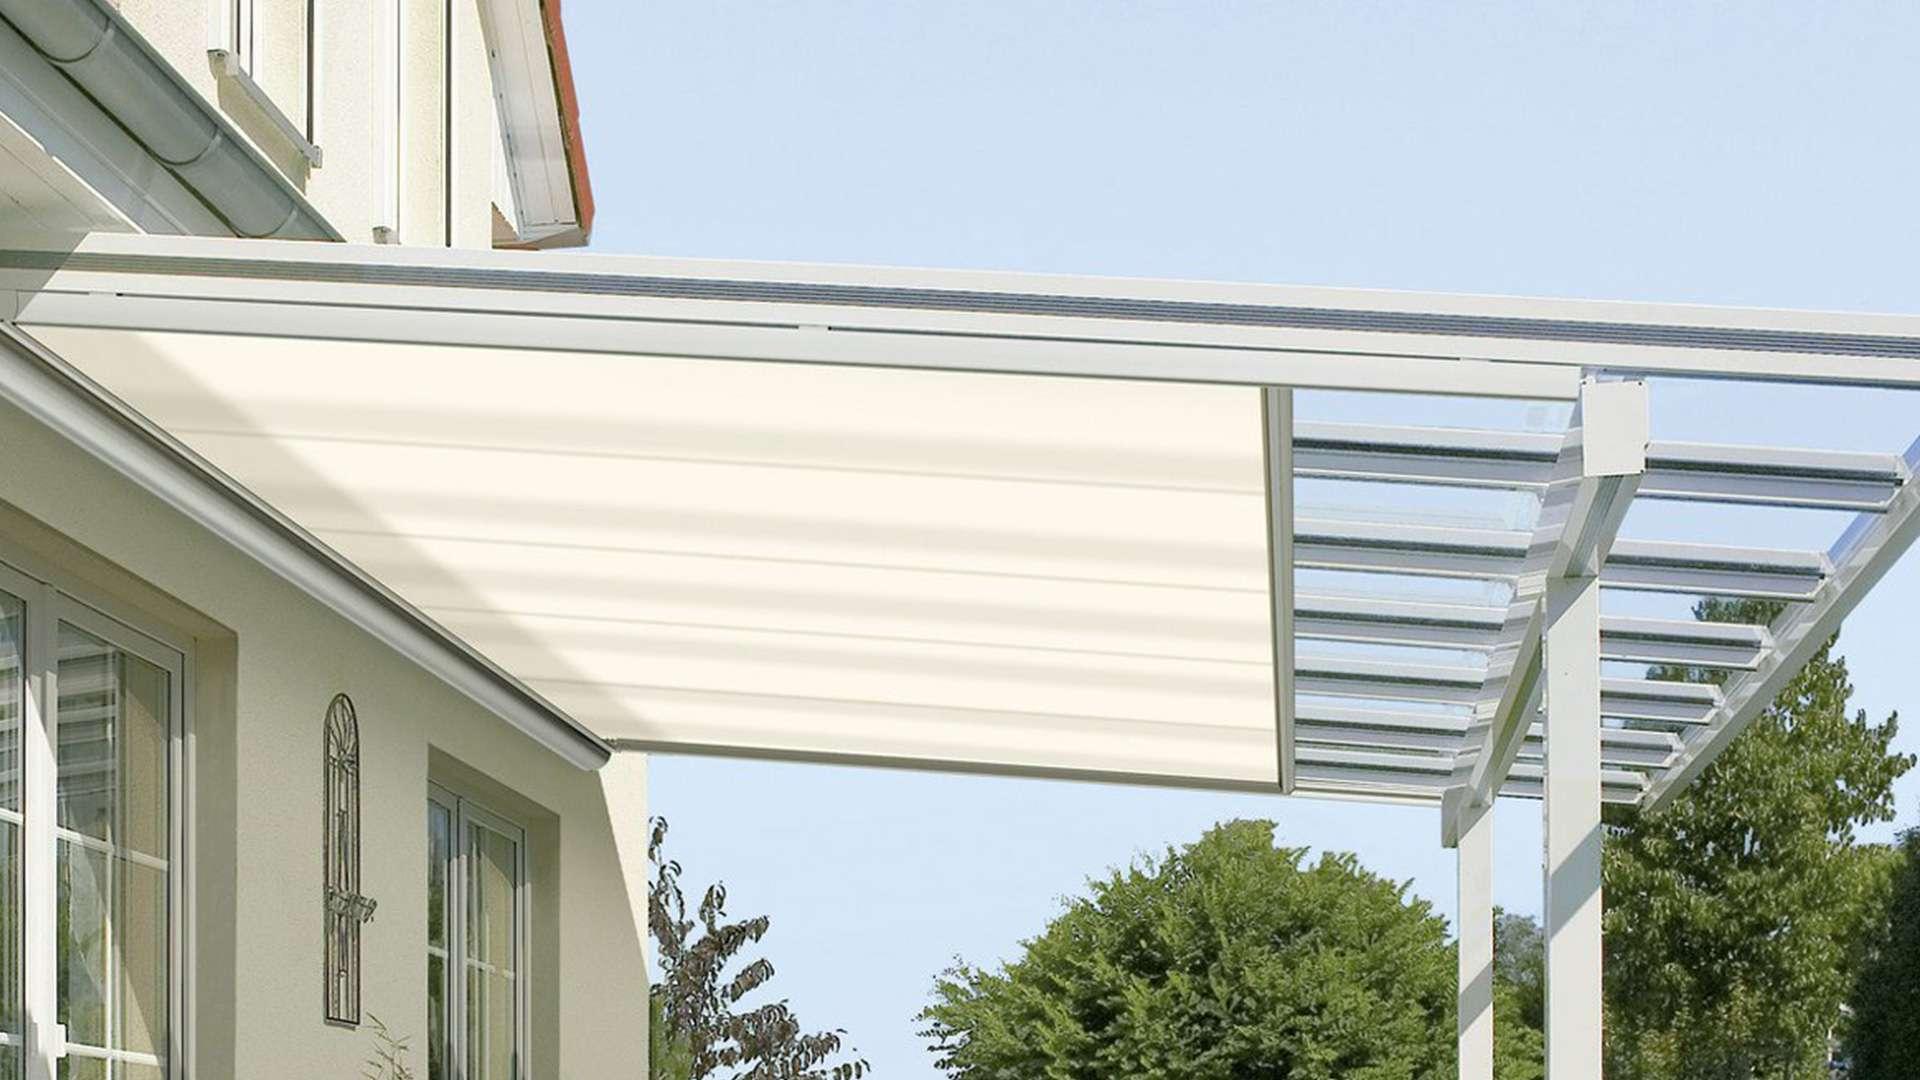 Terrassendach mit Unterglasmarkise an einem Wohnhaus